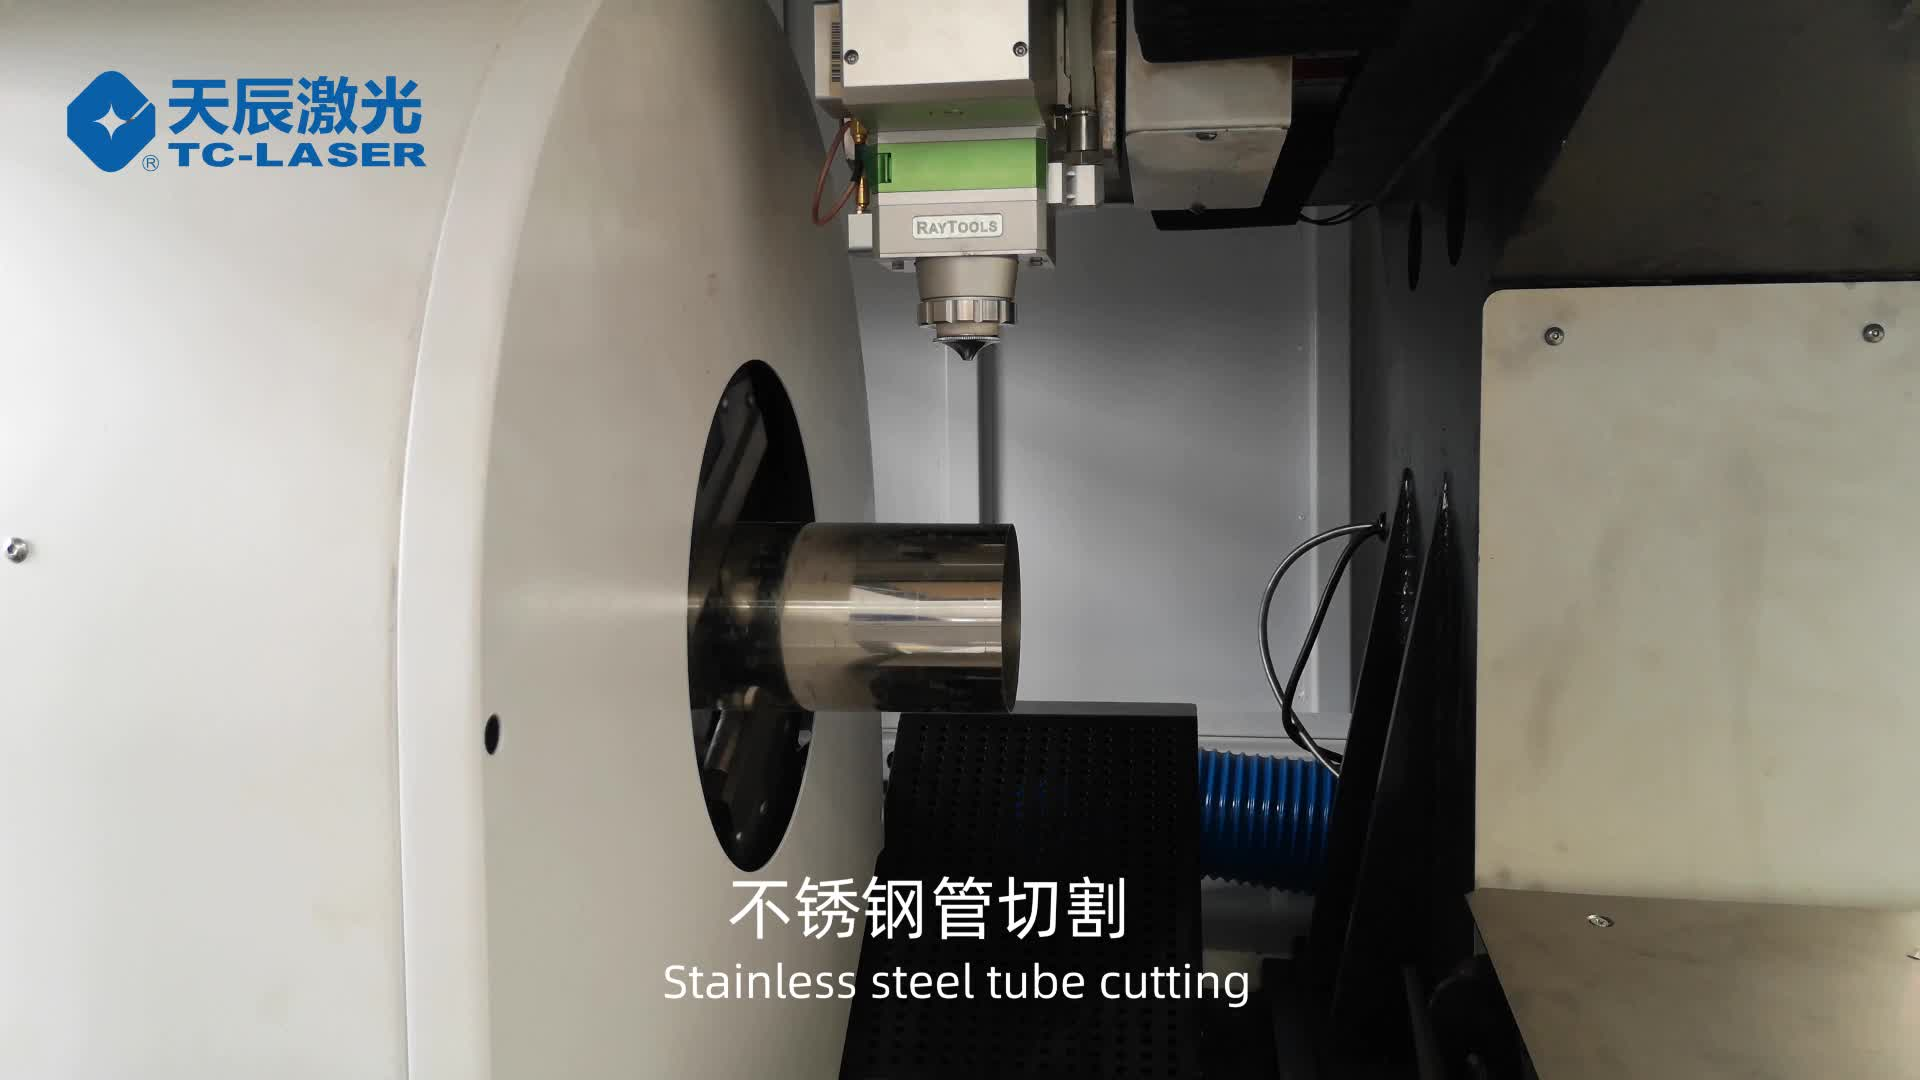 Yüksek verimlilik 1000w karbon boru/tüp fiber lazer kesim makinesi, fiber lazer makinesi için çelik boru, alüminyum